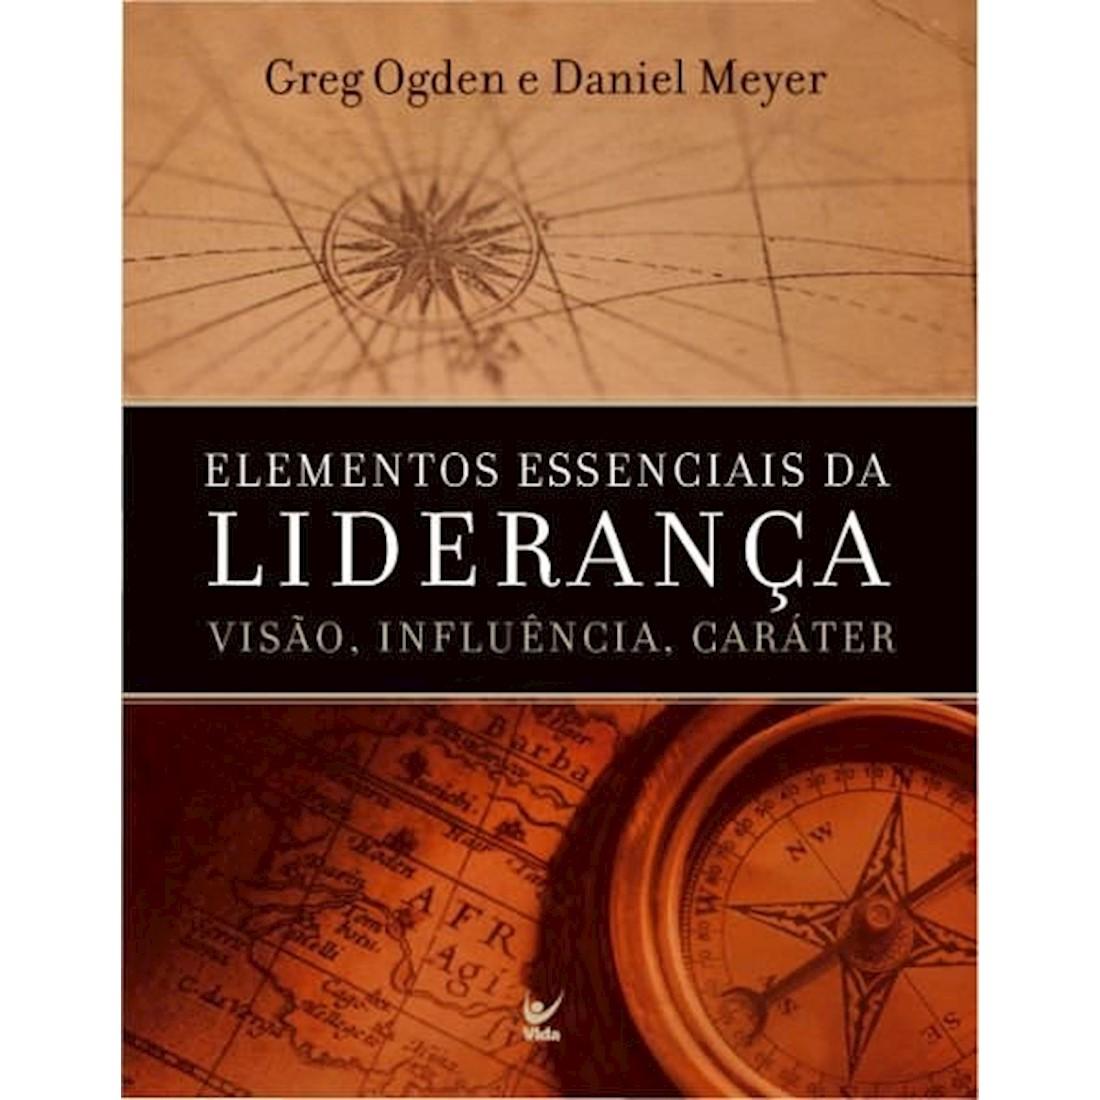 Livro Elementos Essenciais da Liderança - Visão, Influência e Caráter